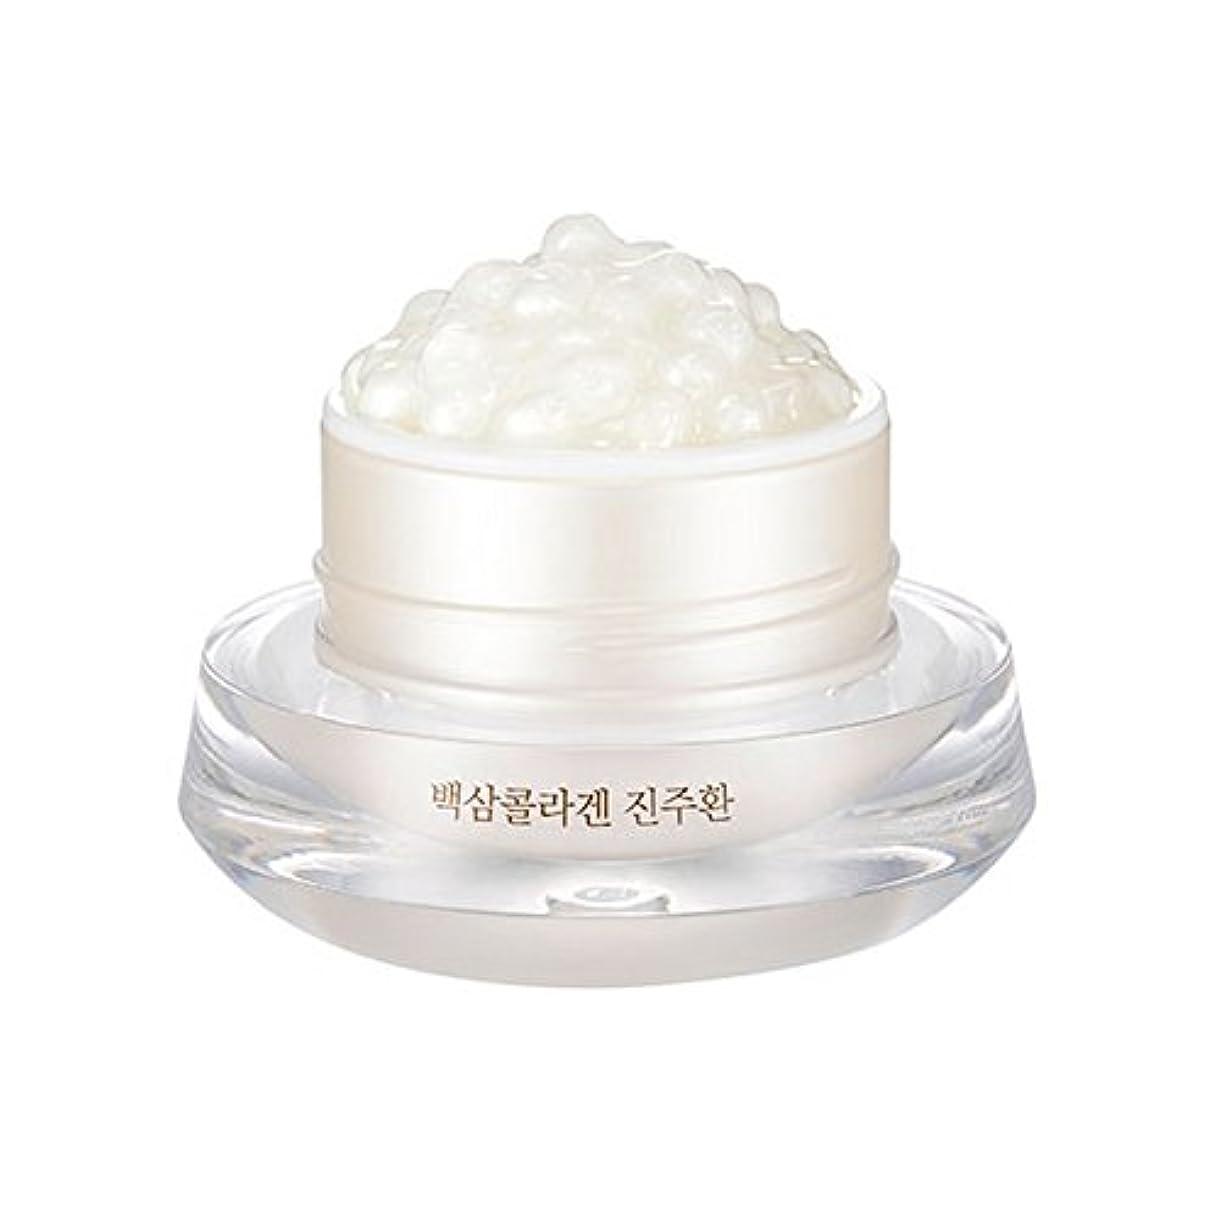 週末干し草厚さ[ザ?フェイスショップ] The Face Shop 白参 コラーゲン パール カプセルクリーム White Ginseng Collagen Pearl Capsule Cream [並行輸入品]